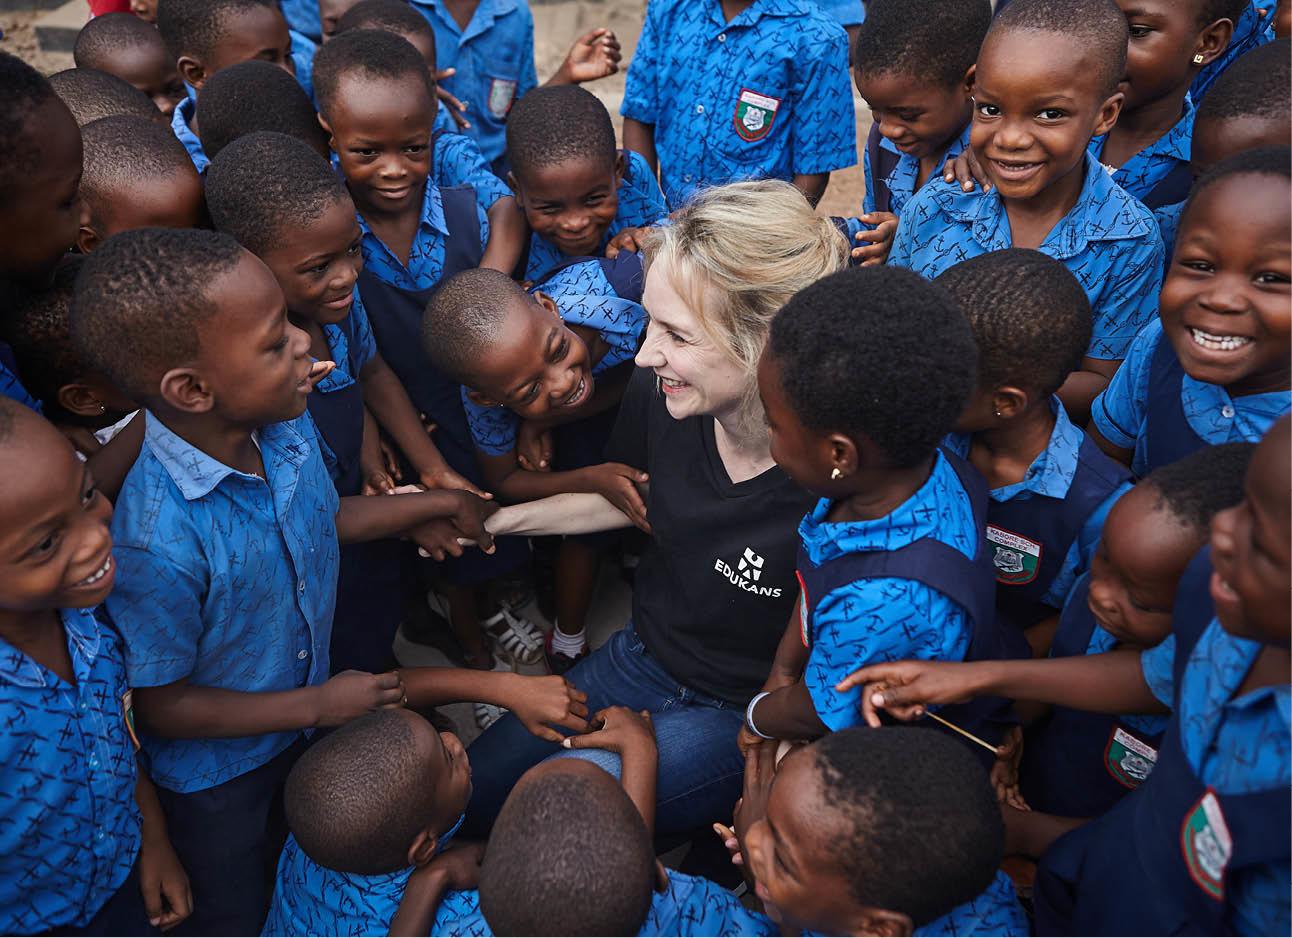 Bracha lachend tussen allemaal vrolijke kinderen